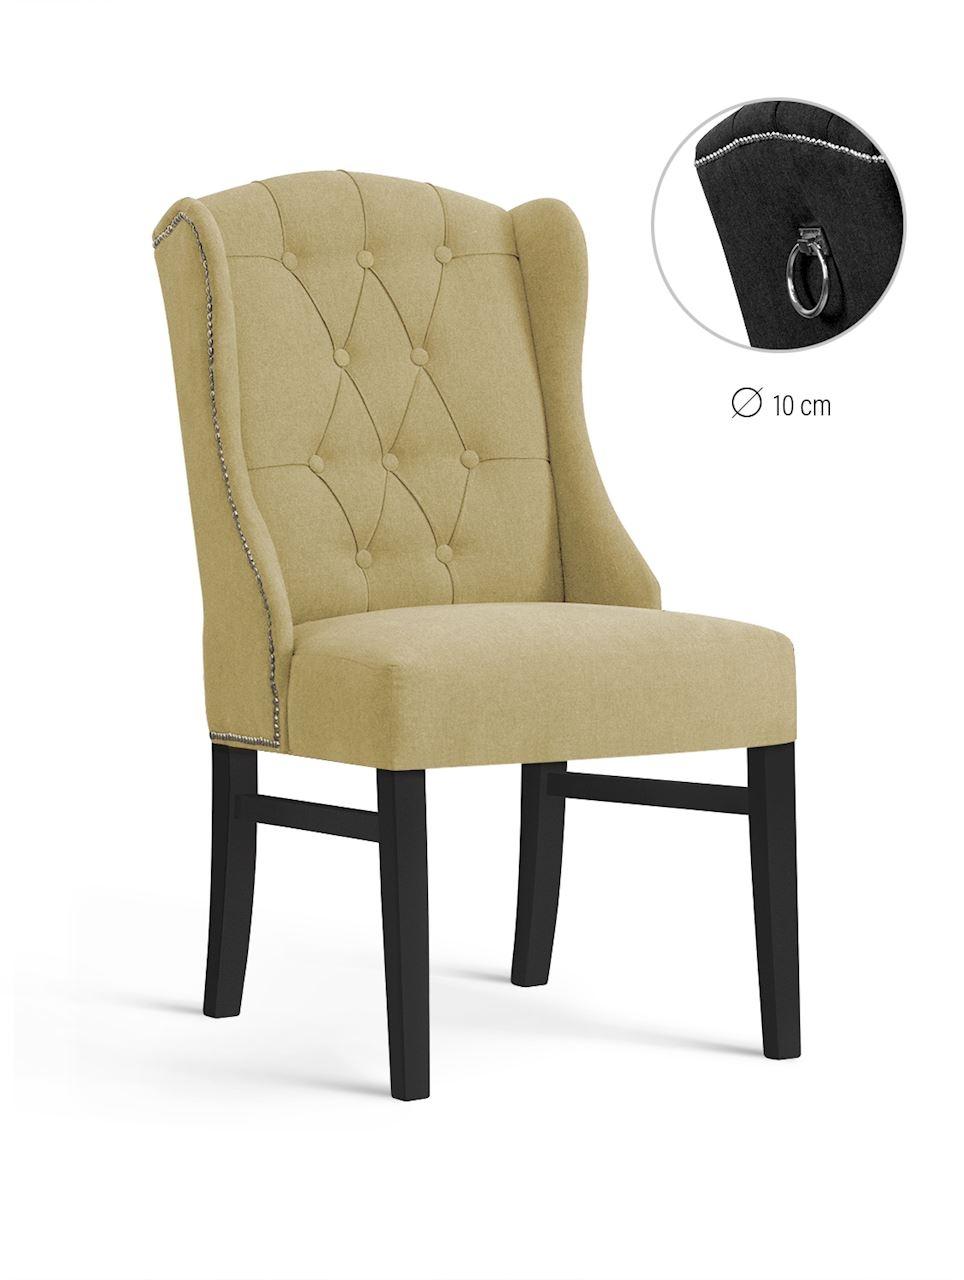 Scaun tapitat cu stofa, cu picioare din lemn Royal Beige / Black, l55xA74xH105 cm